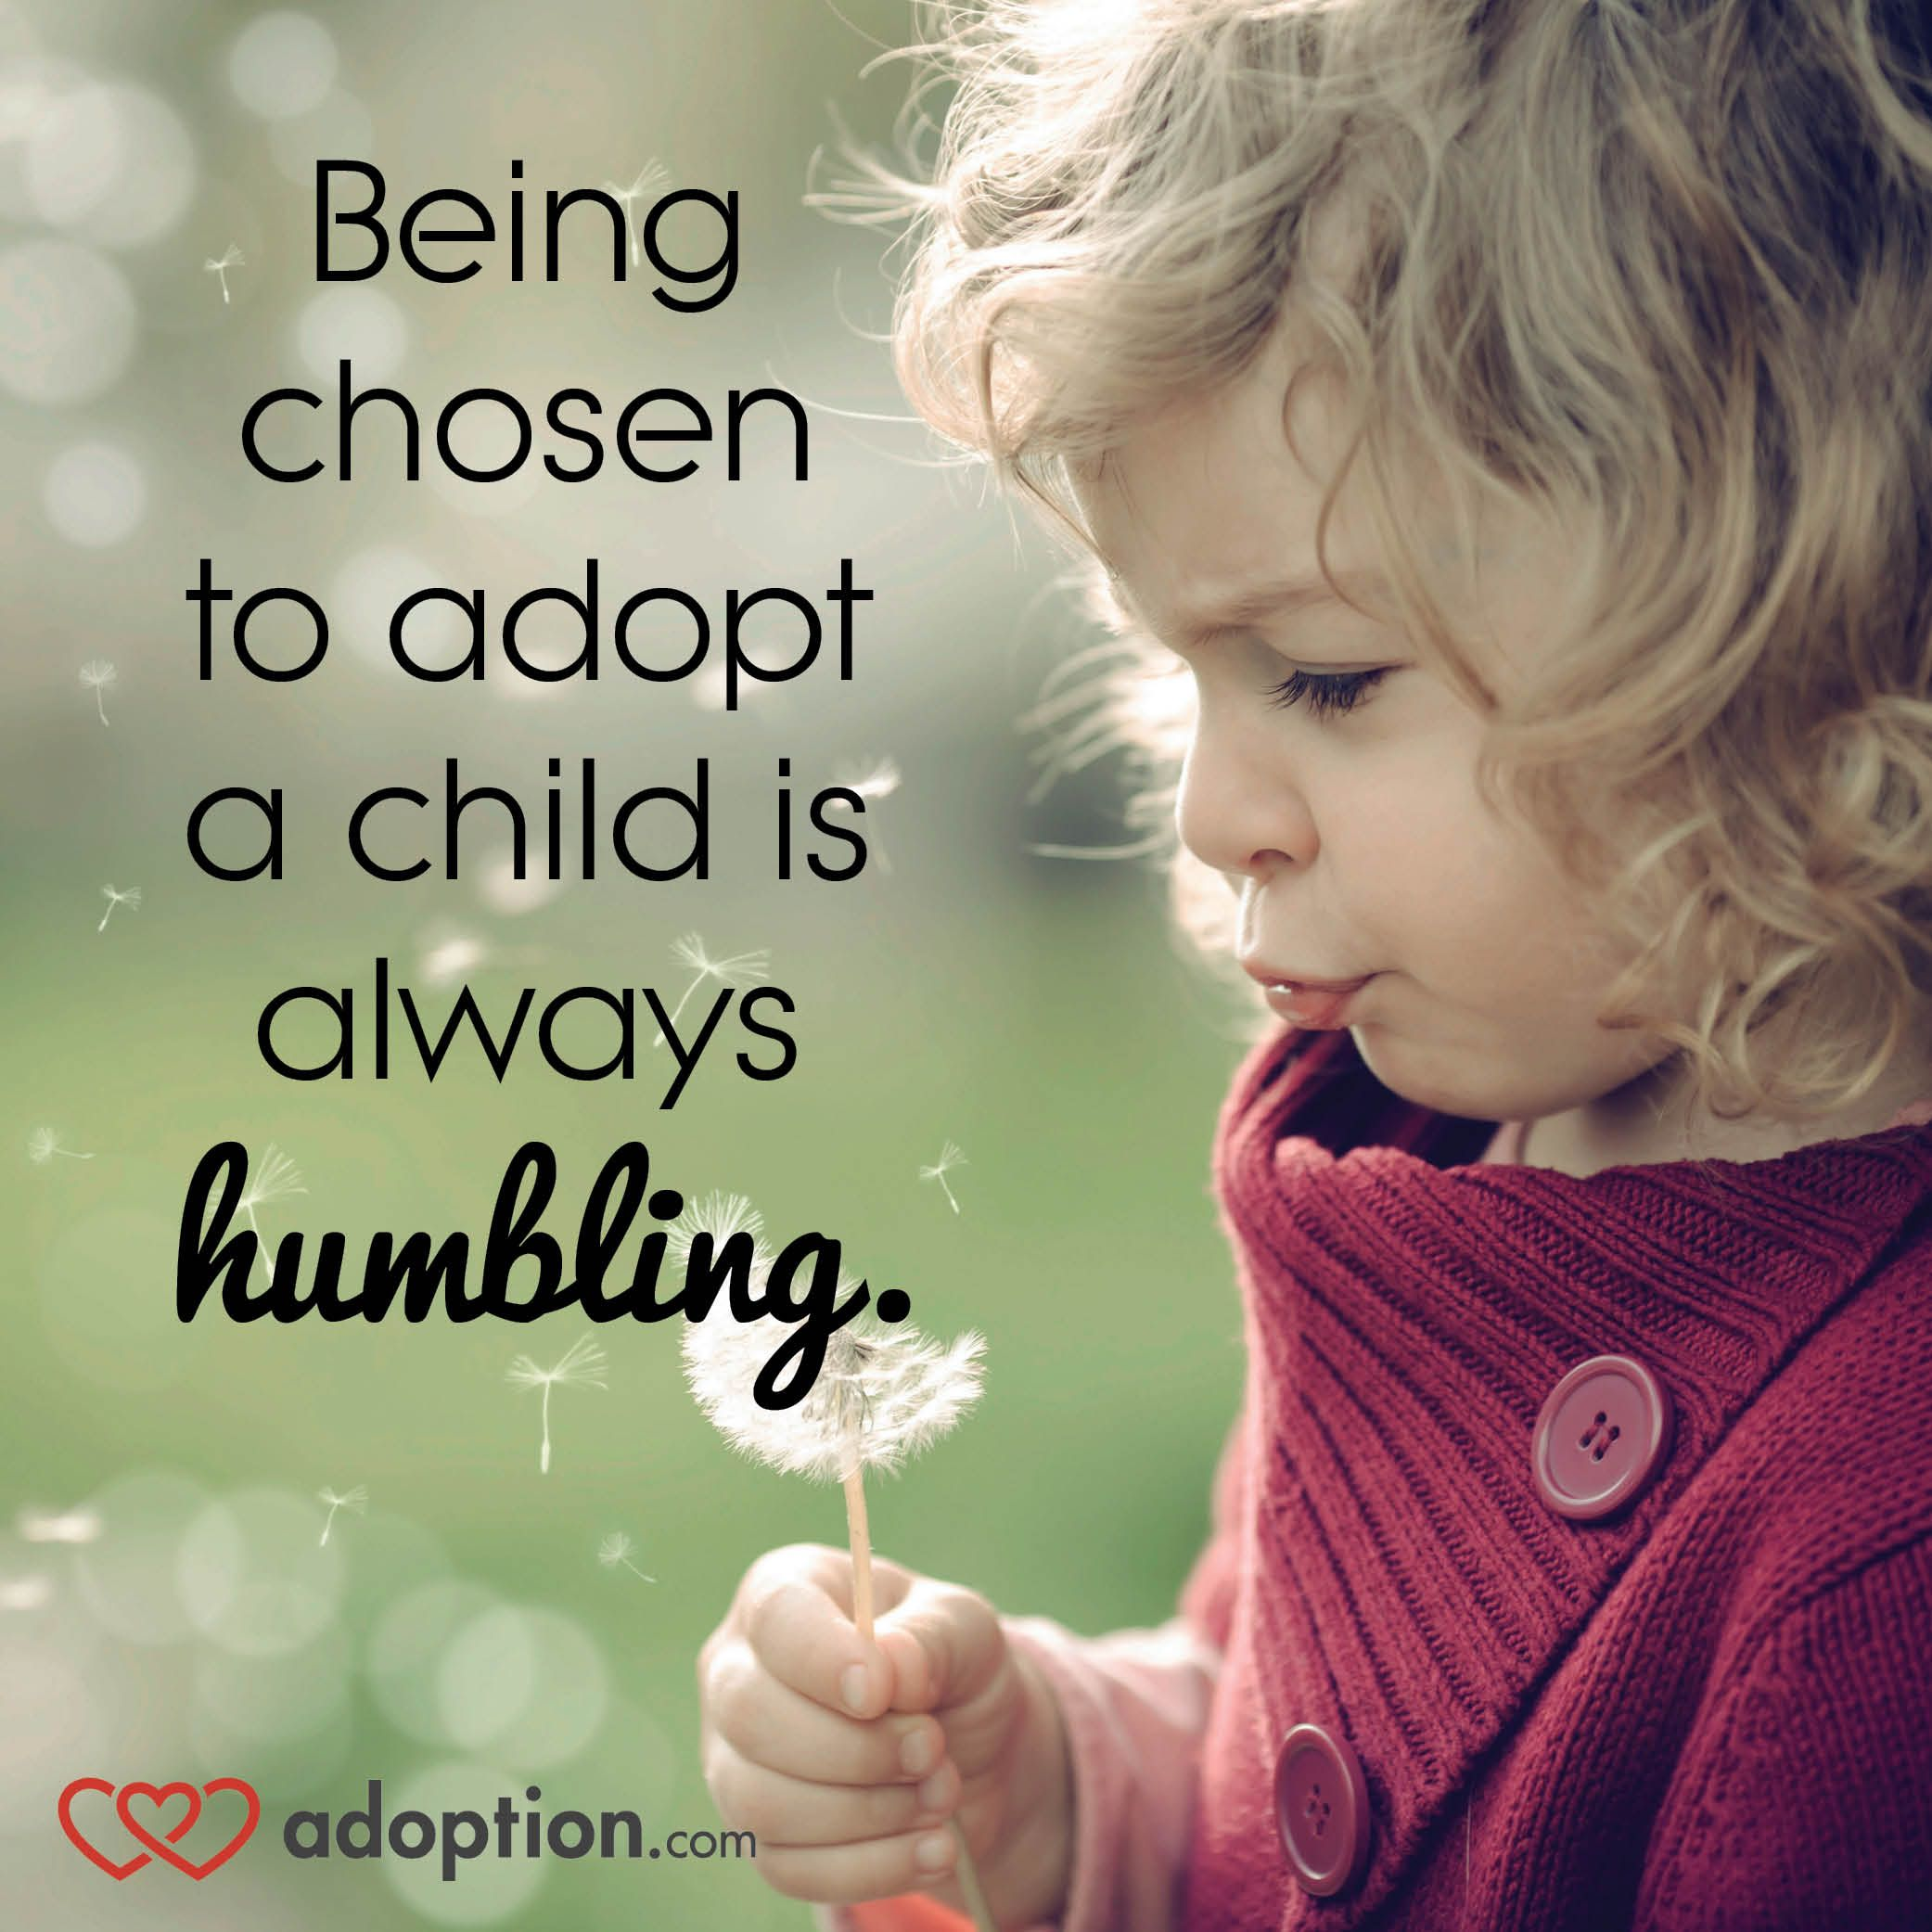 Being Chosen To Adopt A Child Is Always Humbling Adoption Adoption Quotes Infant Adoption Adopting A Child